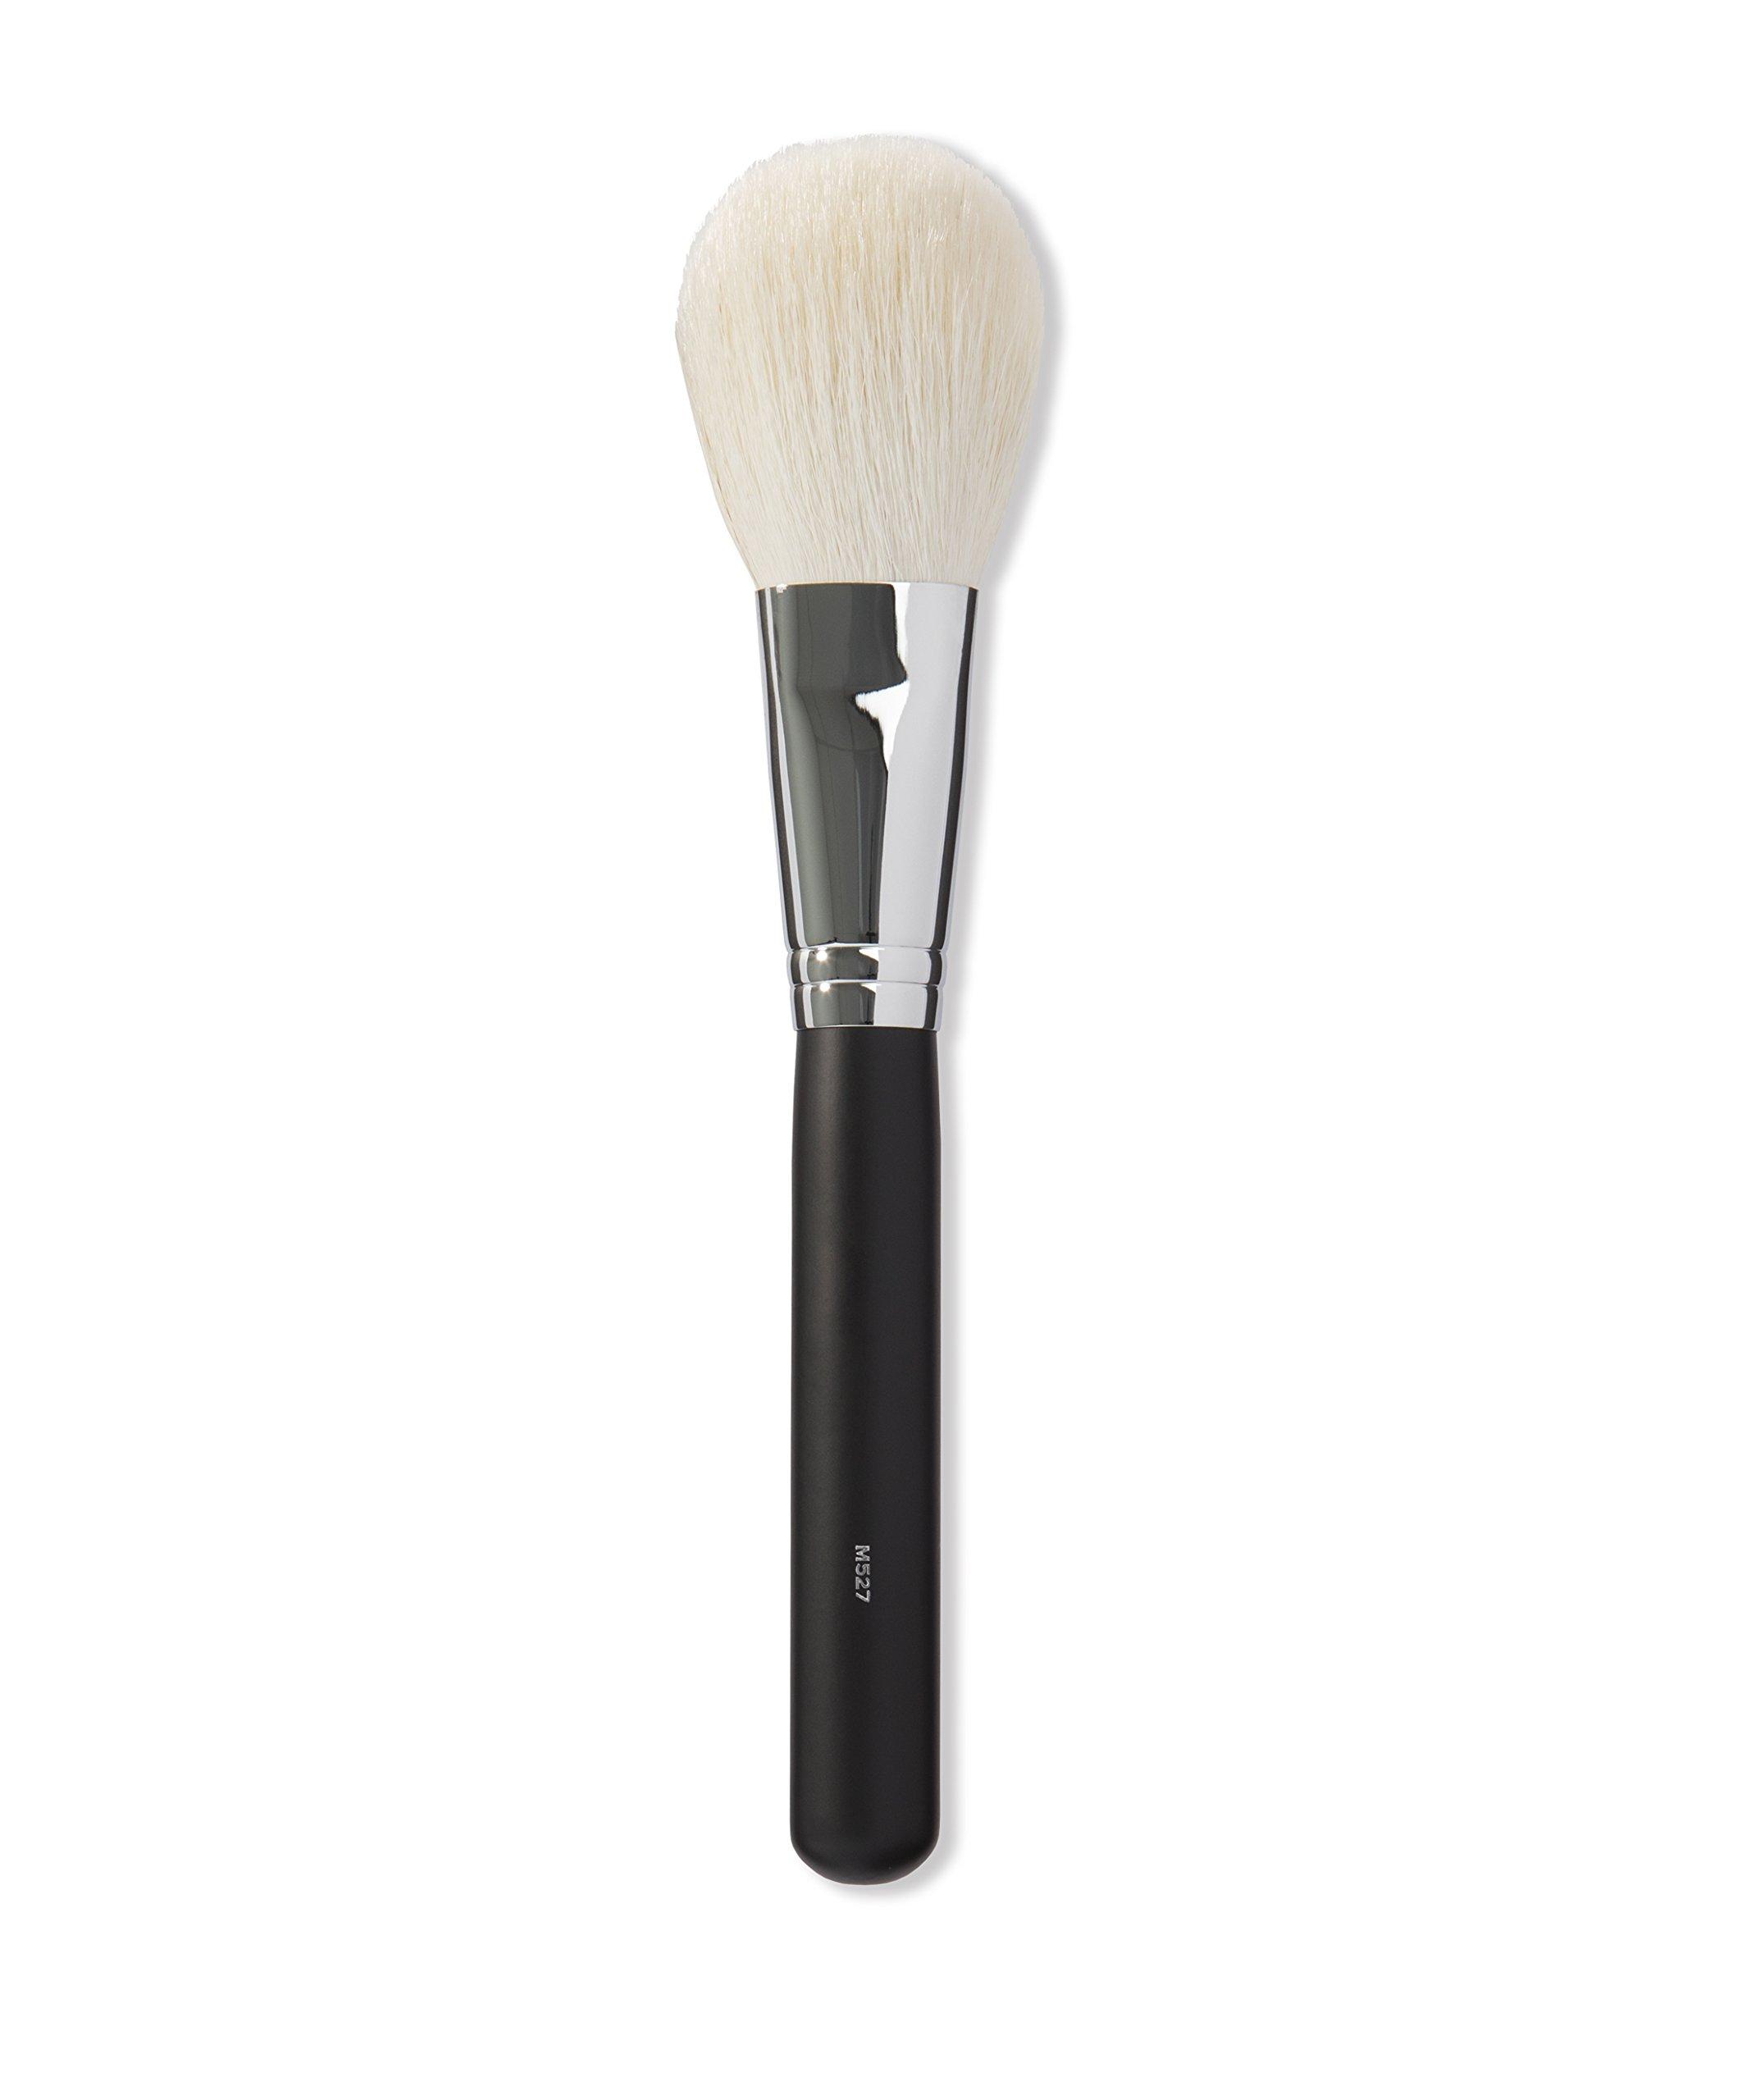 M412 Deluxe Pointed Blender Brush by Morphe #11